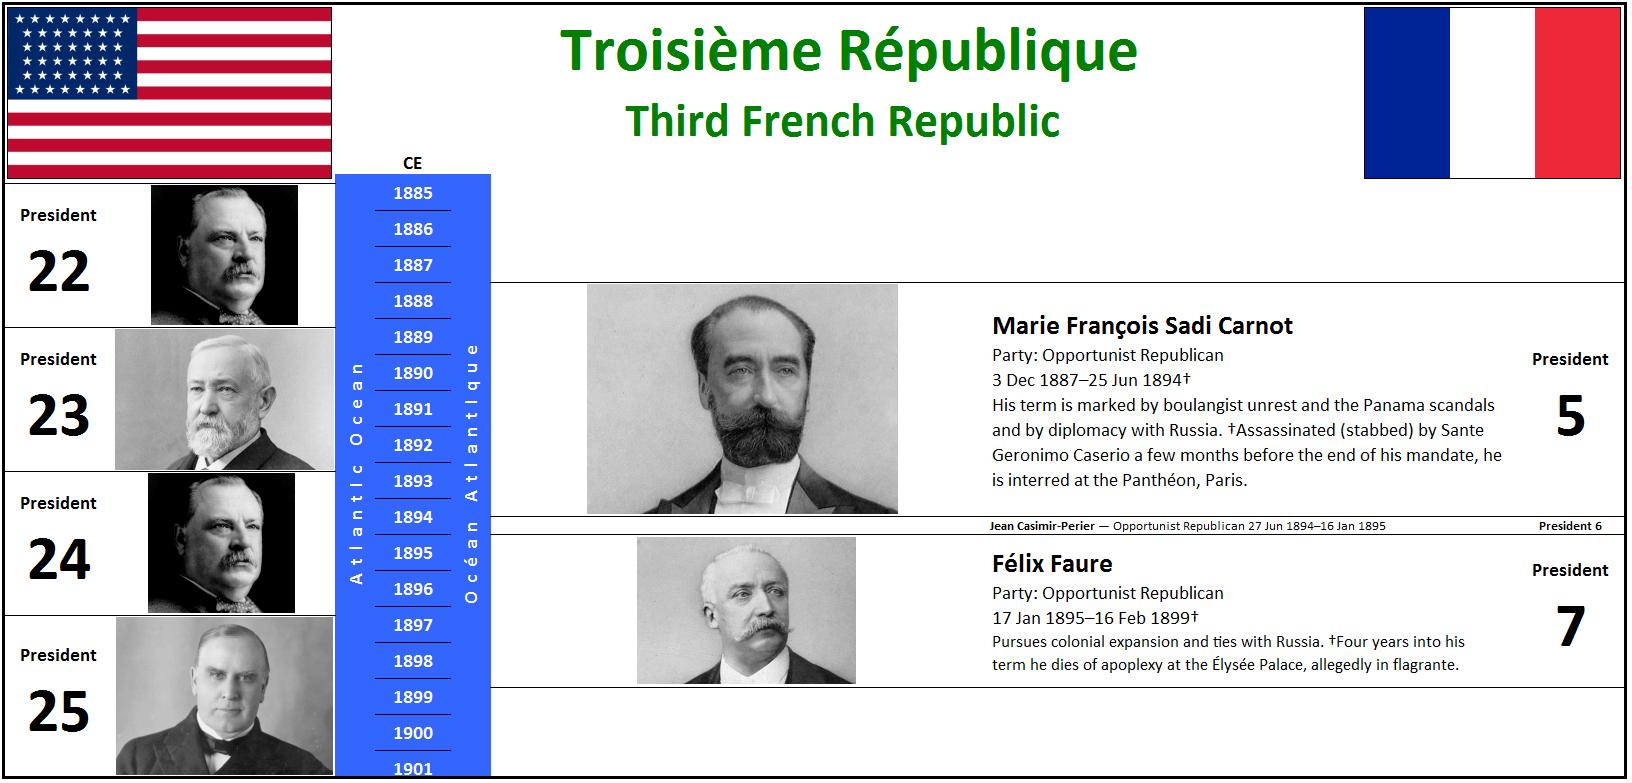 1887 Troisième République